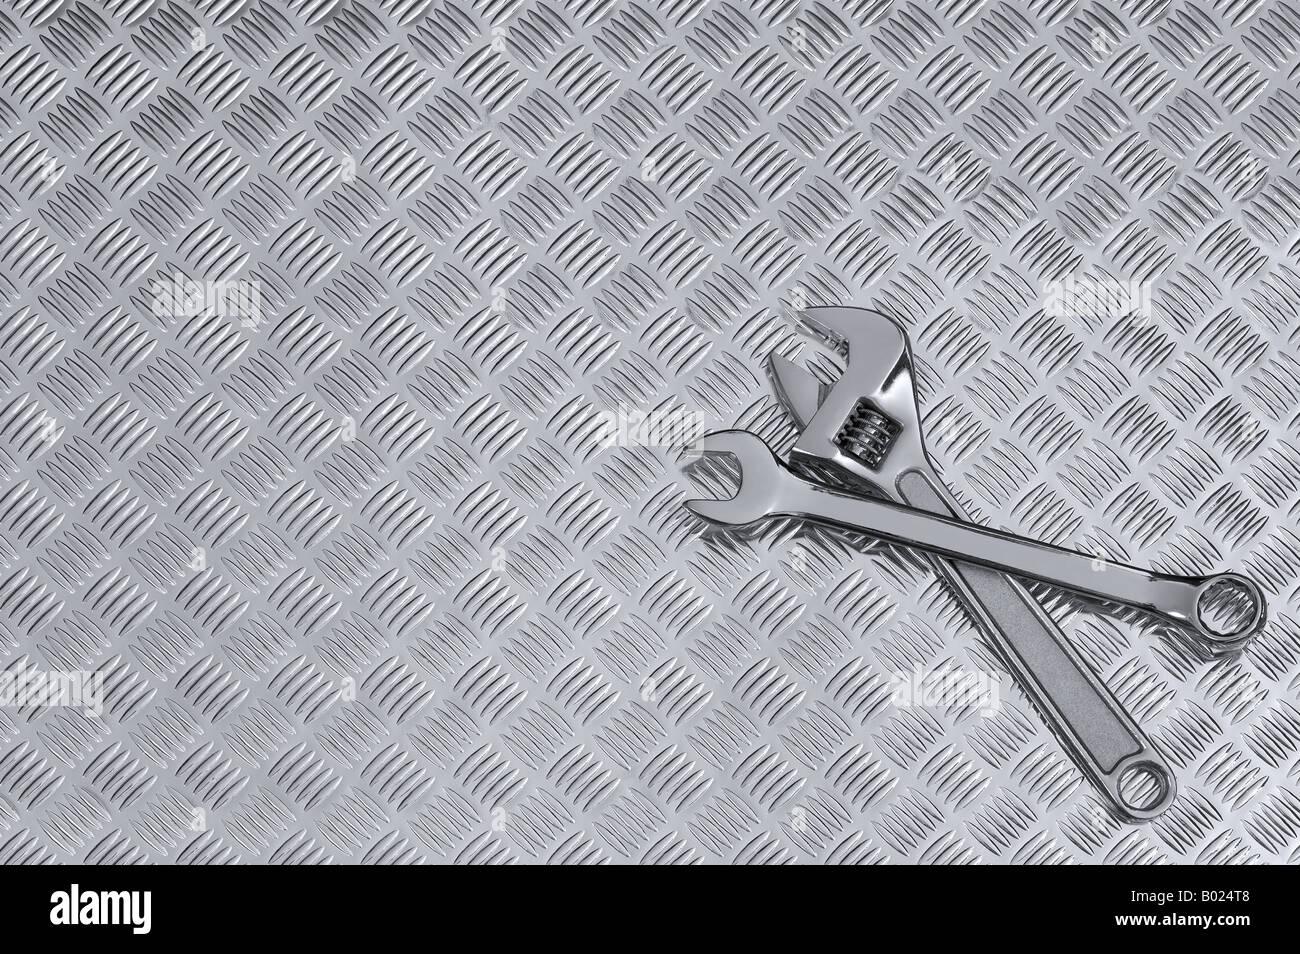 Mechanische Hintergrundbild von zwei Schraubenschlüssel auf einer Werkbank checkerplate Stockbild